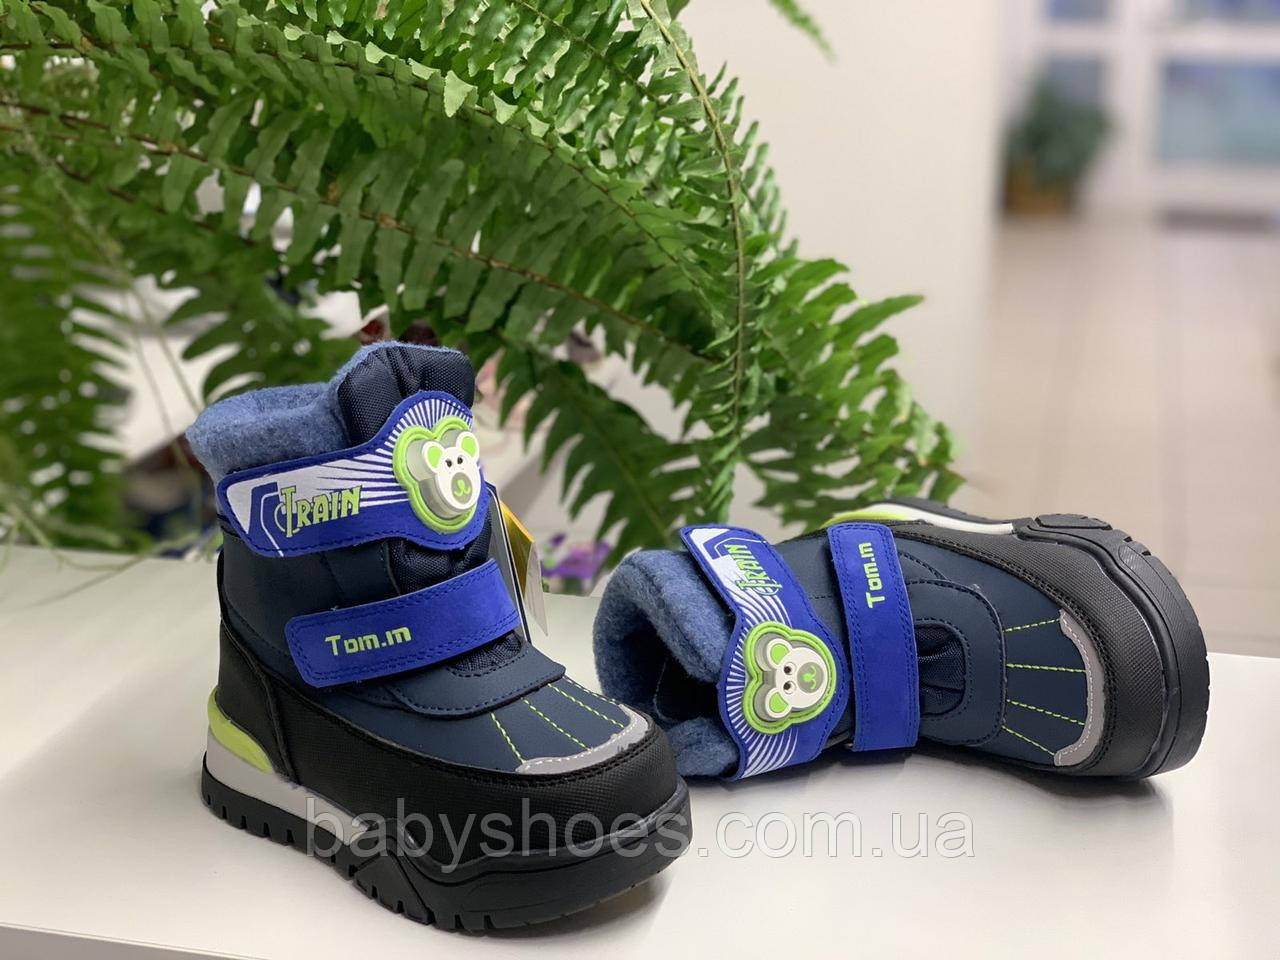 Зимние ботинки для мальчика Tom.m  р.23-28, ЗМ-258